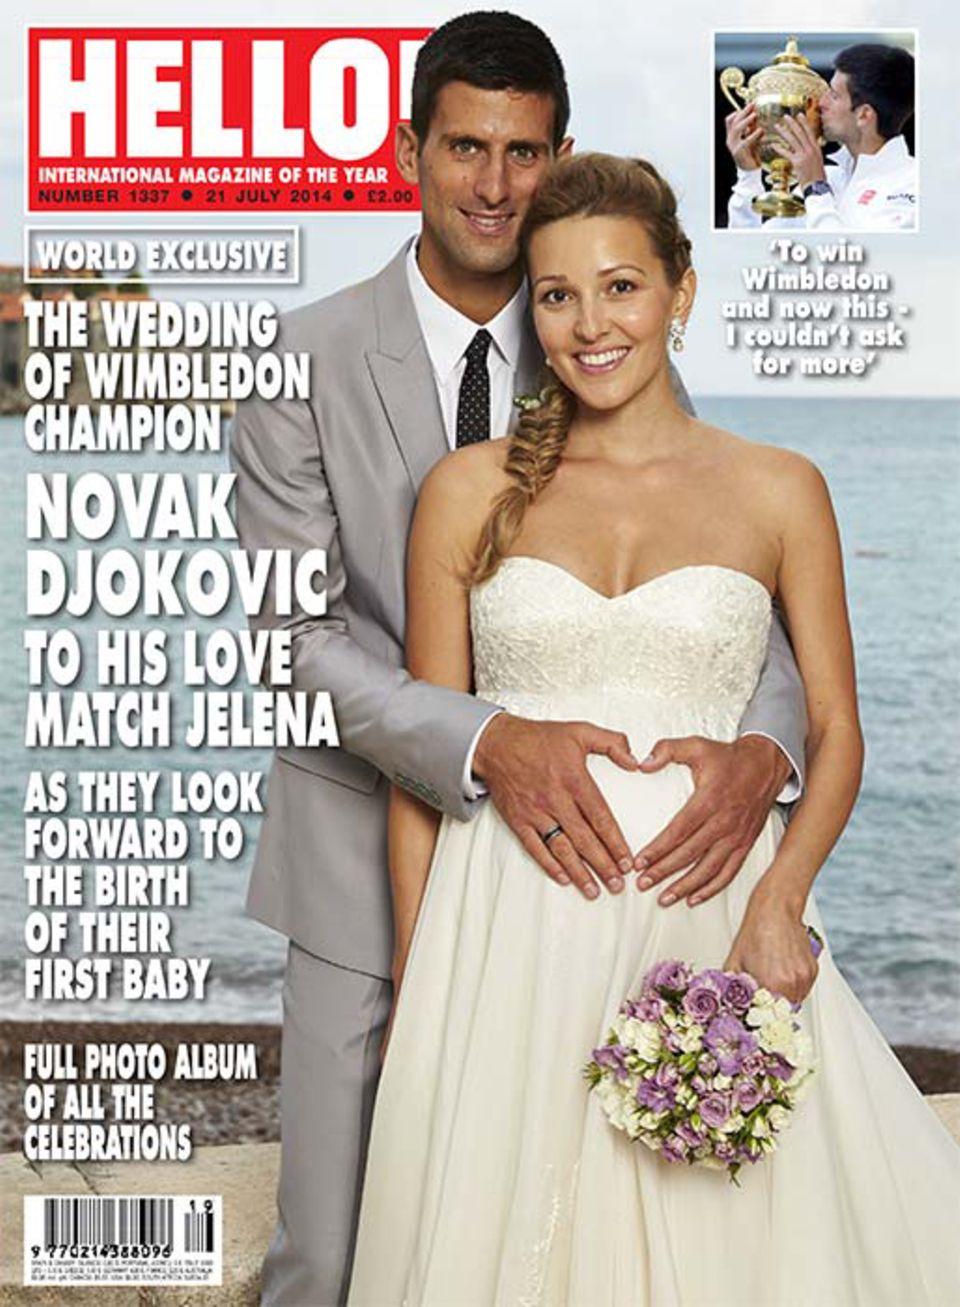 10. Juli 2014:  Nur wenige Tage nach seinem Wimbledon-Sieg hat Novak Djokovic seiner schwangeren Verlobten Jelena Ristic in Montenegro das Jawort gegeben.